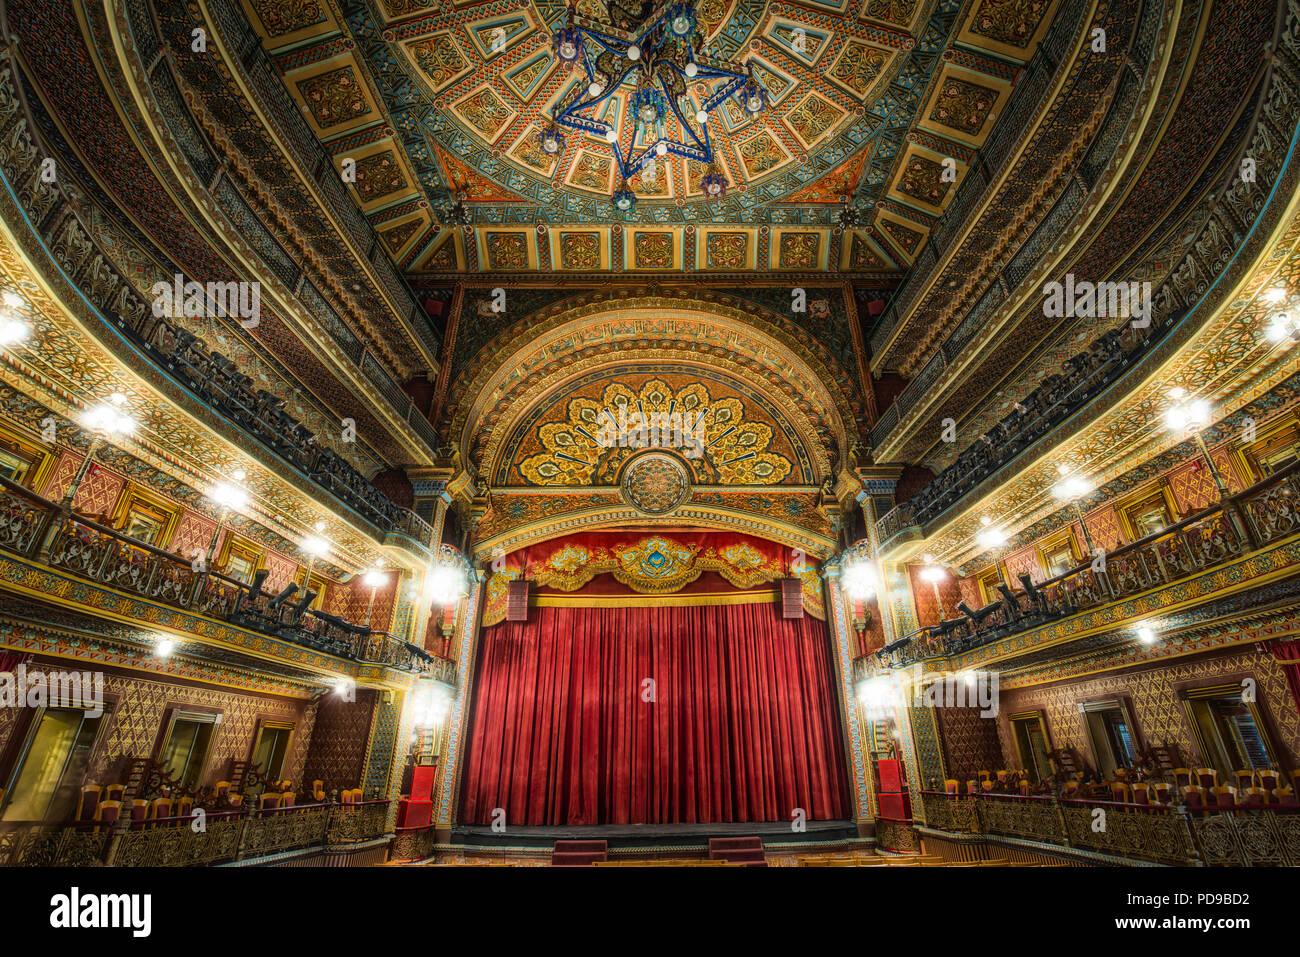 Intérieur de l'historique Théâtre Juarez à Guanajuato, au Mexique. Photo Stock